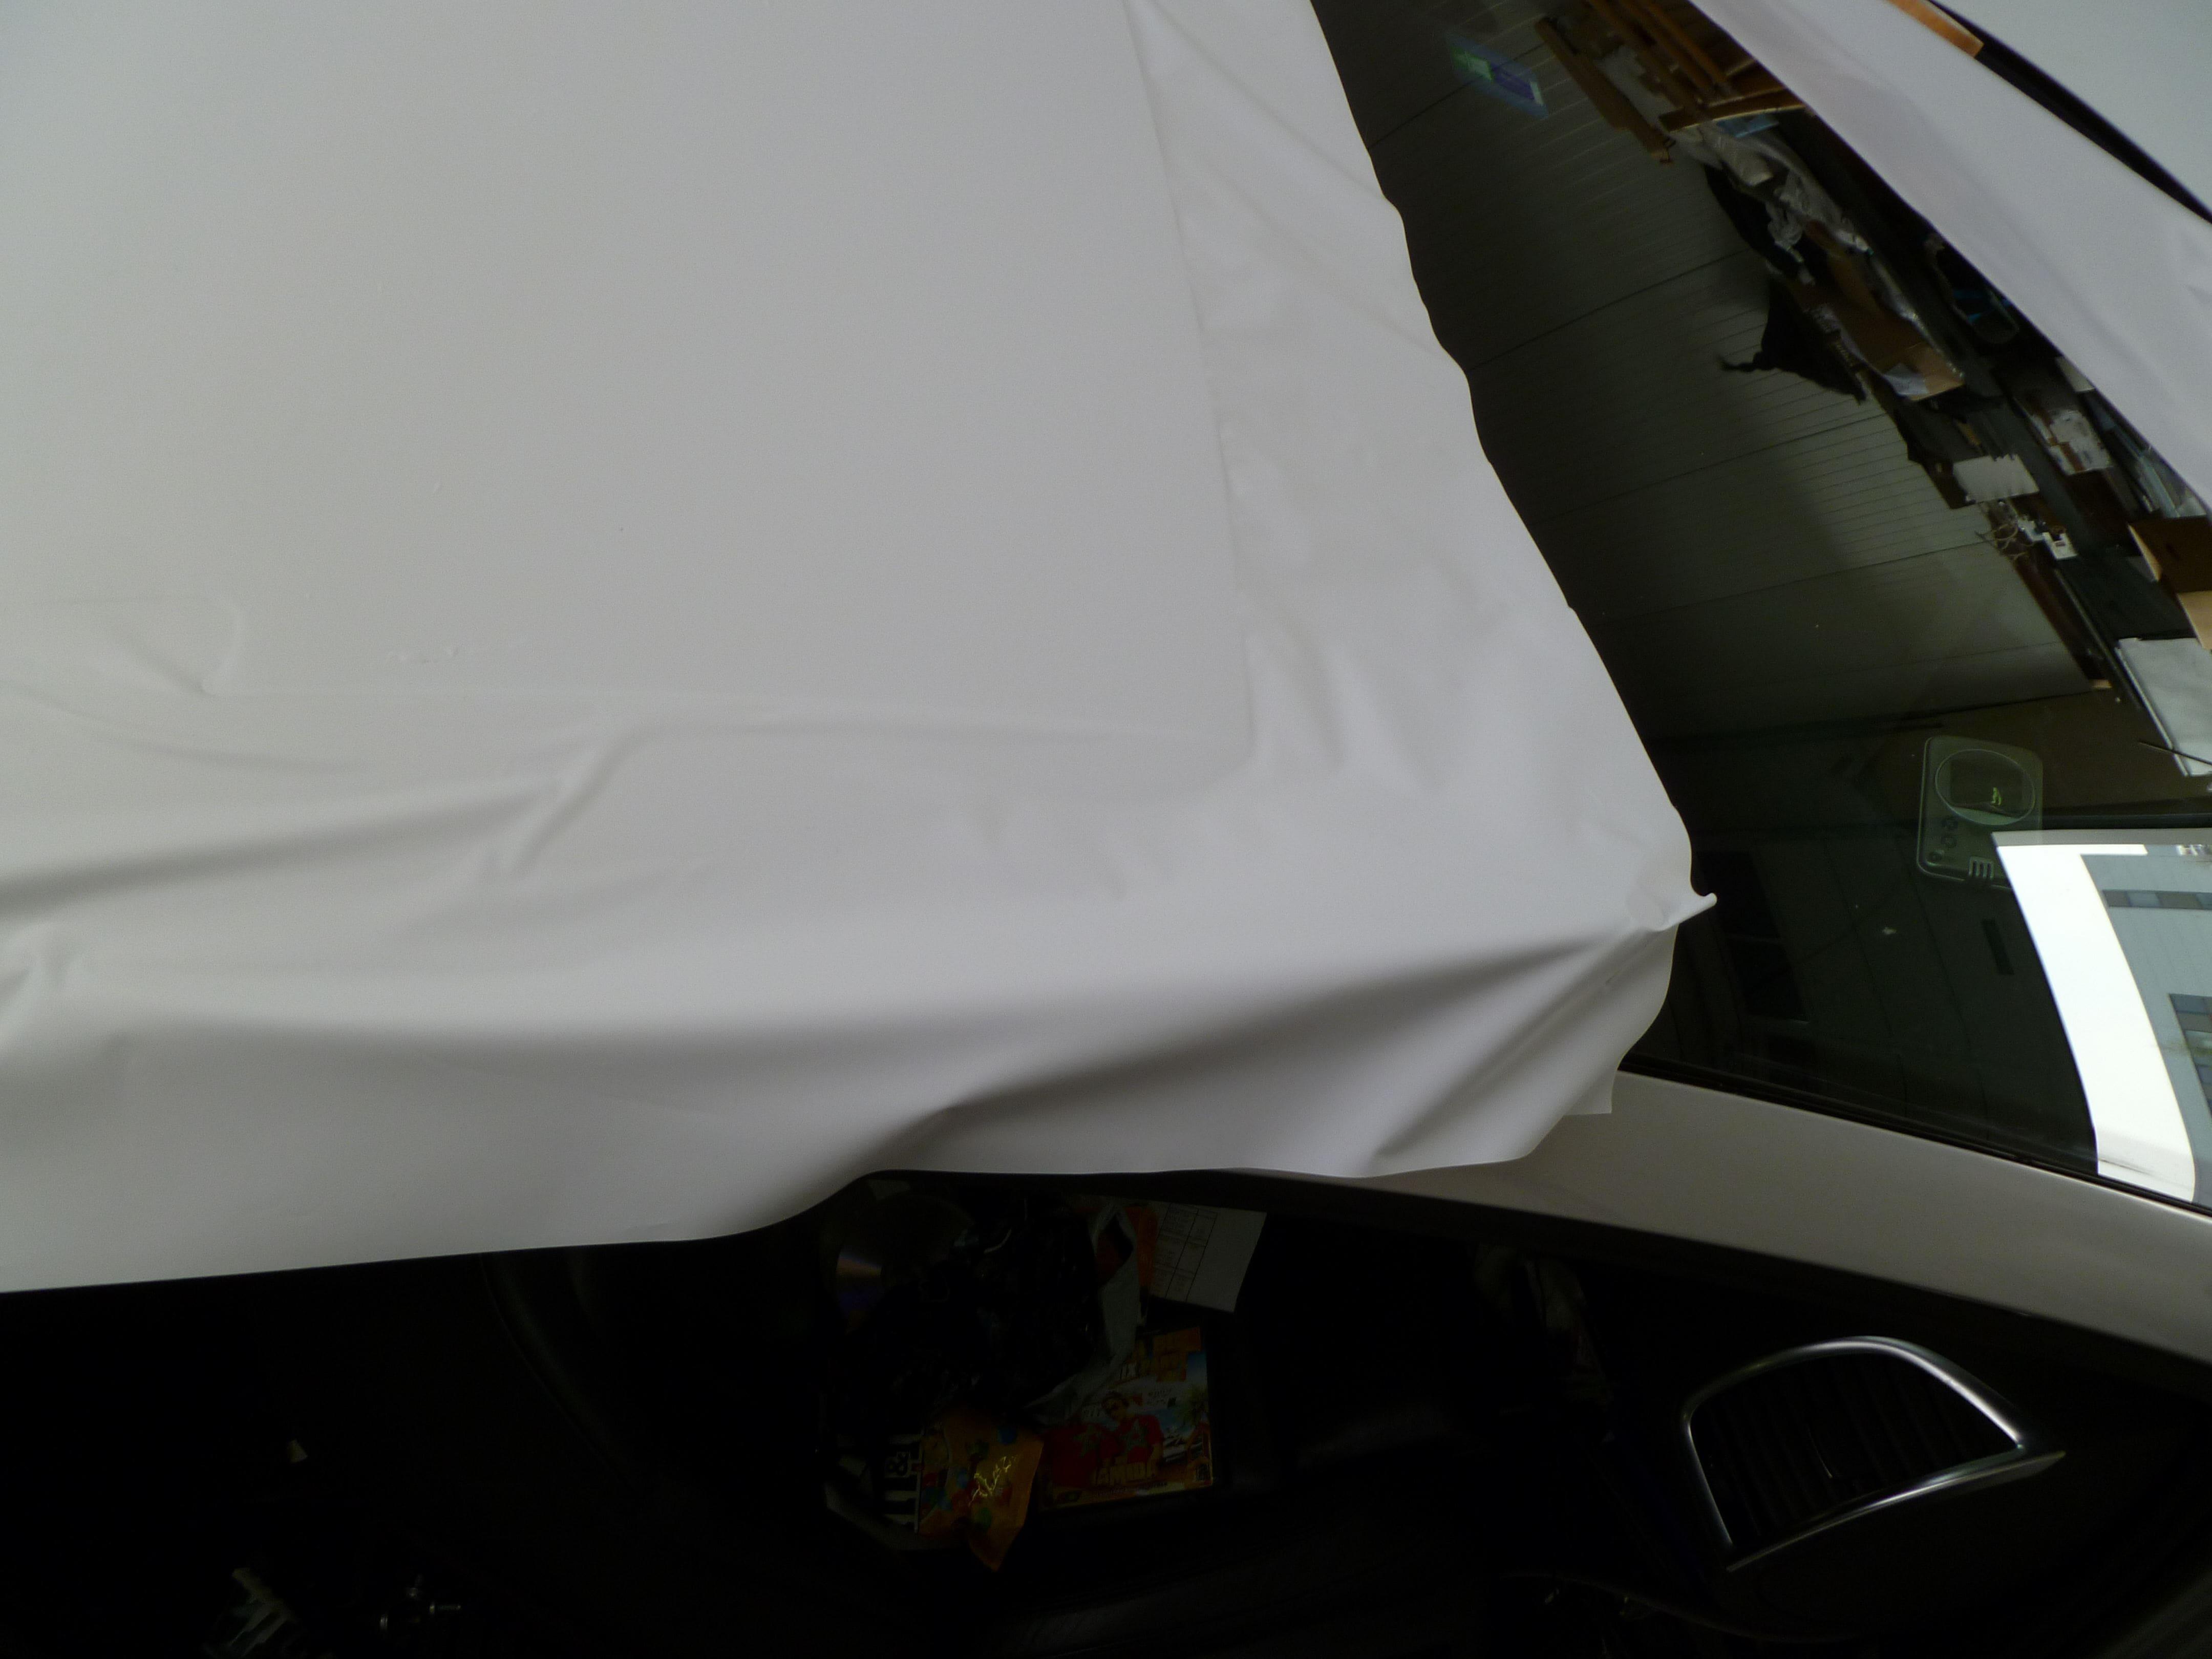 Audi Q7 met Mat Witte Wrap, Carwrapping door Wrapmyride.nu Foto-nr:4970, ©2021